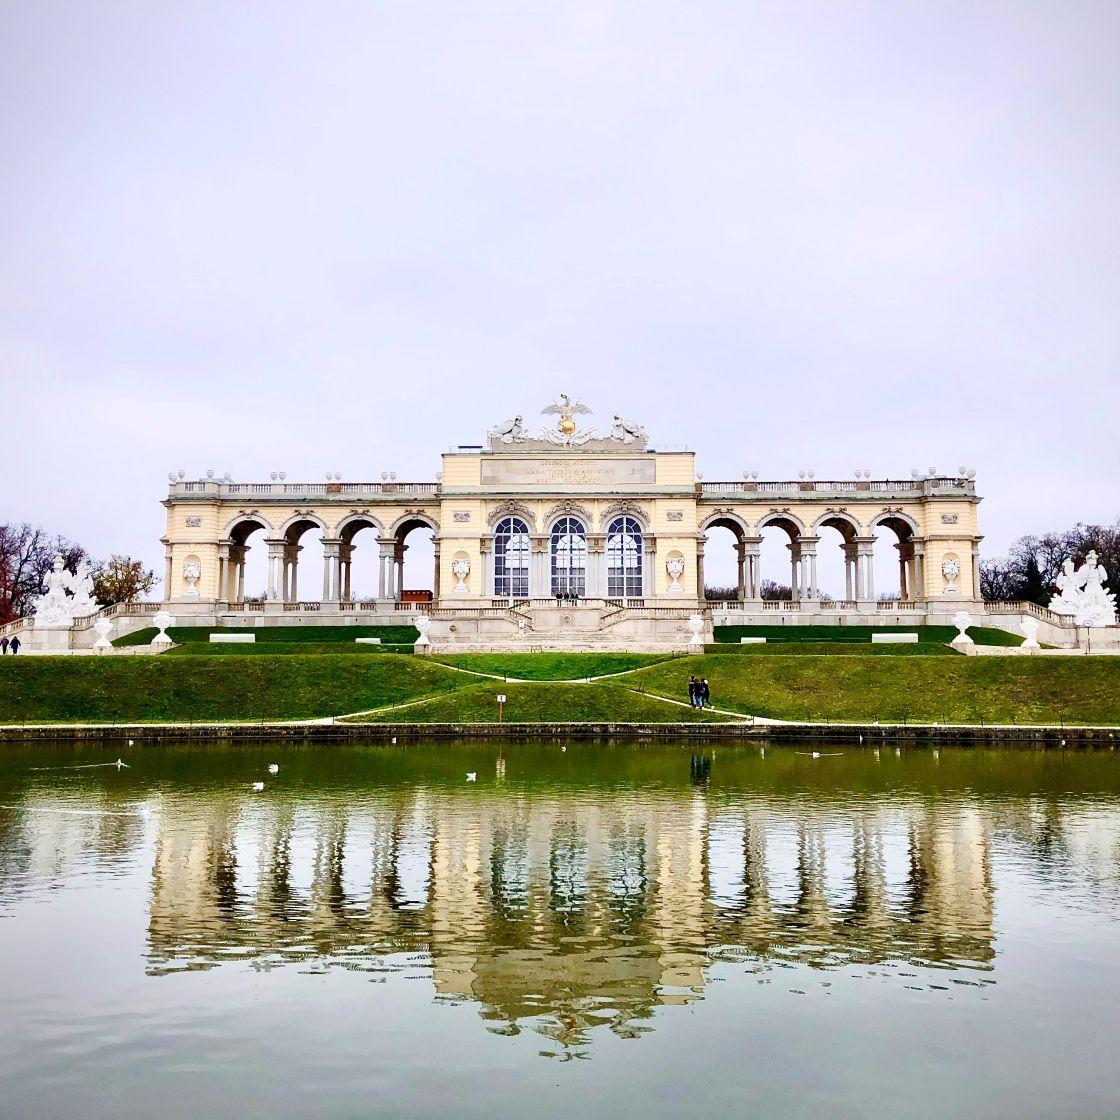 The Gloriette in the Schönbrunn Palace Garden, Vienna, Austria